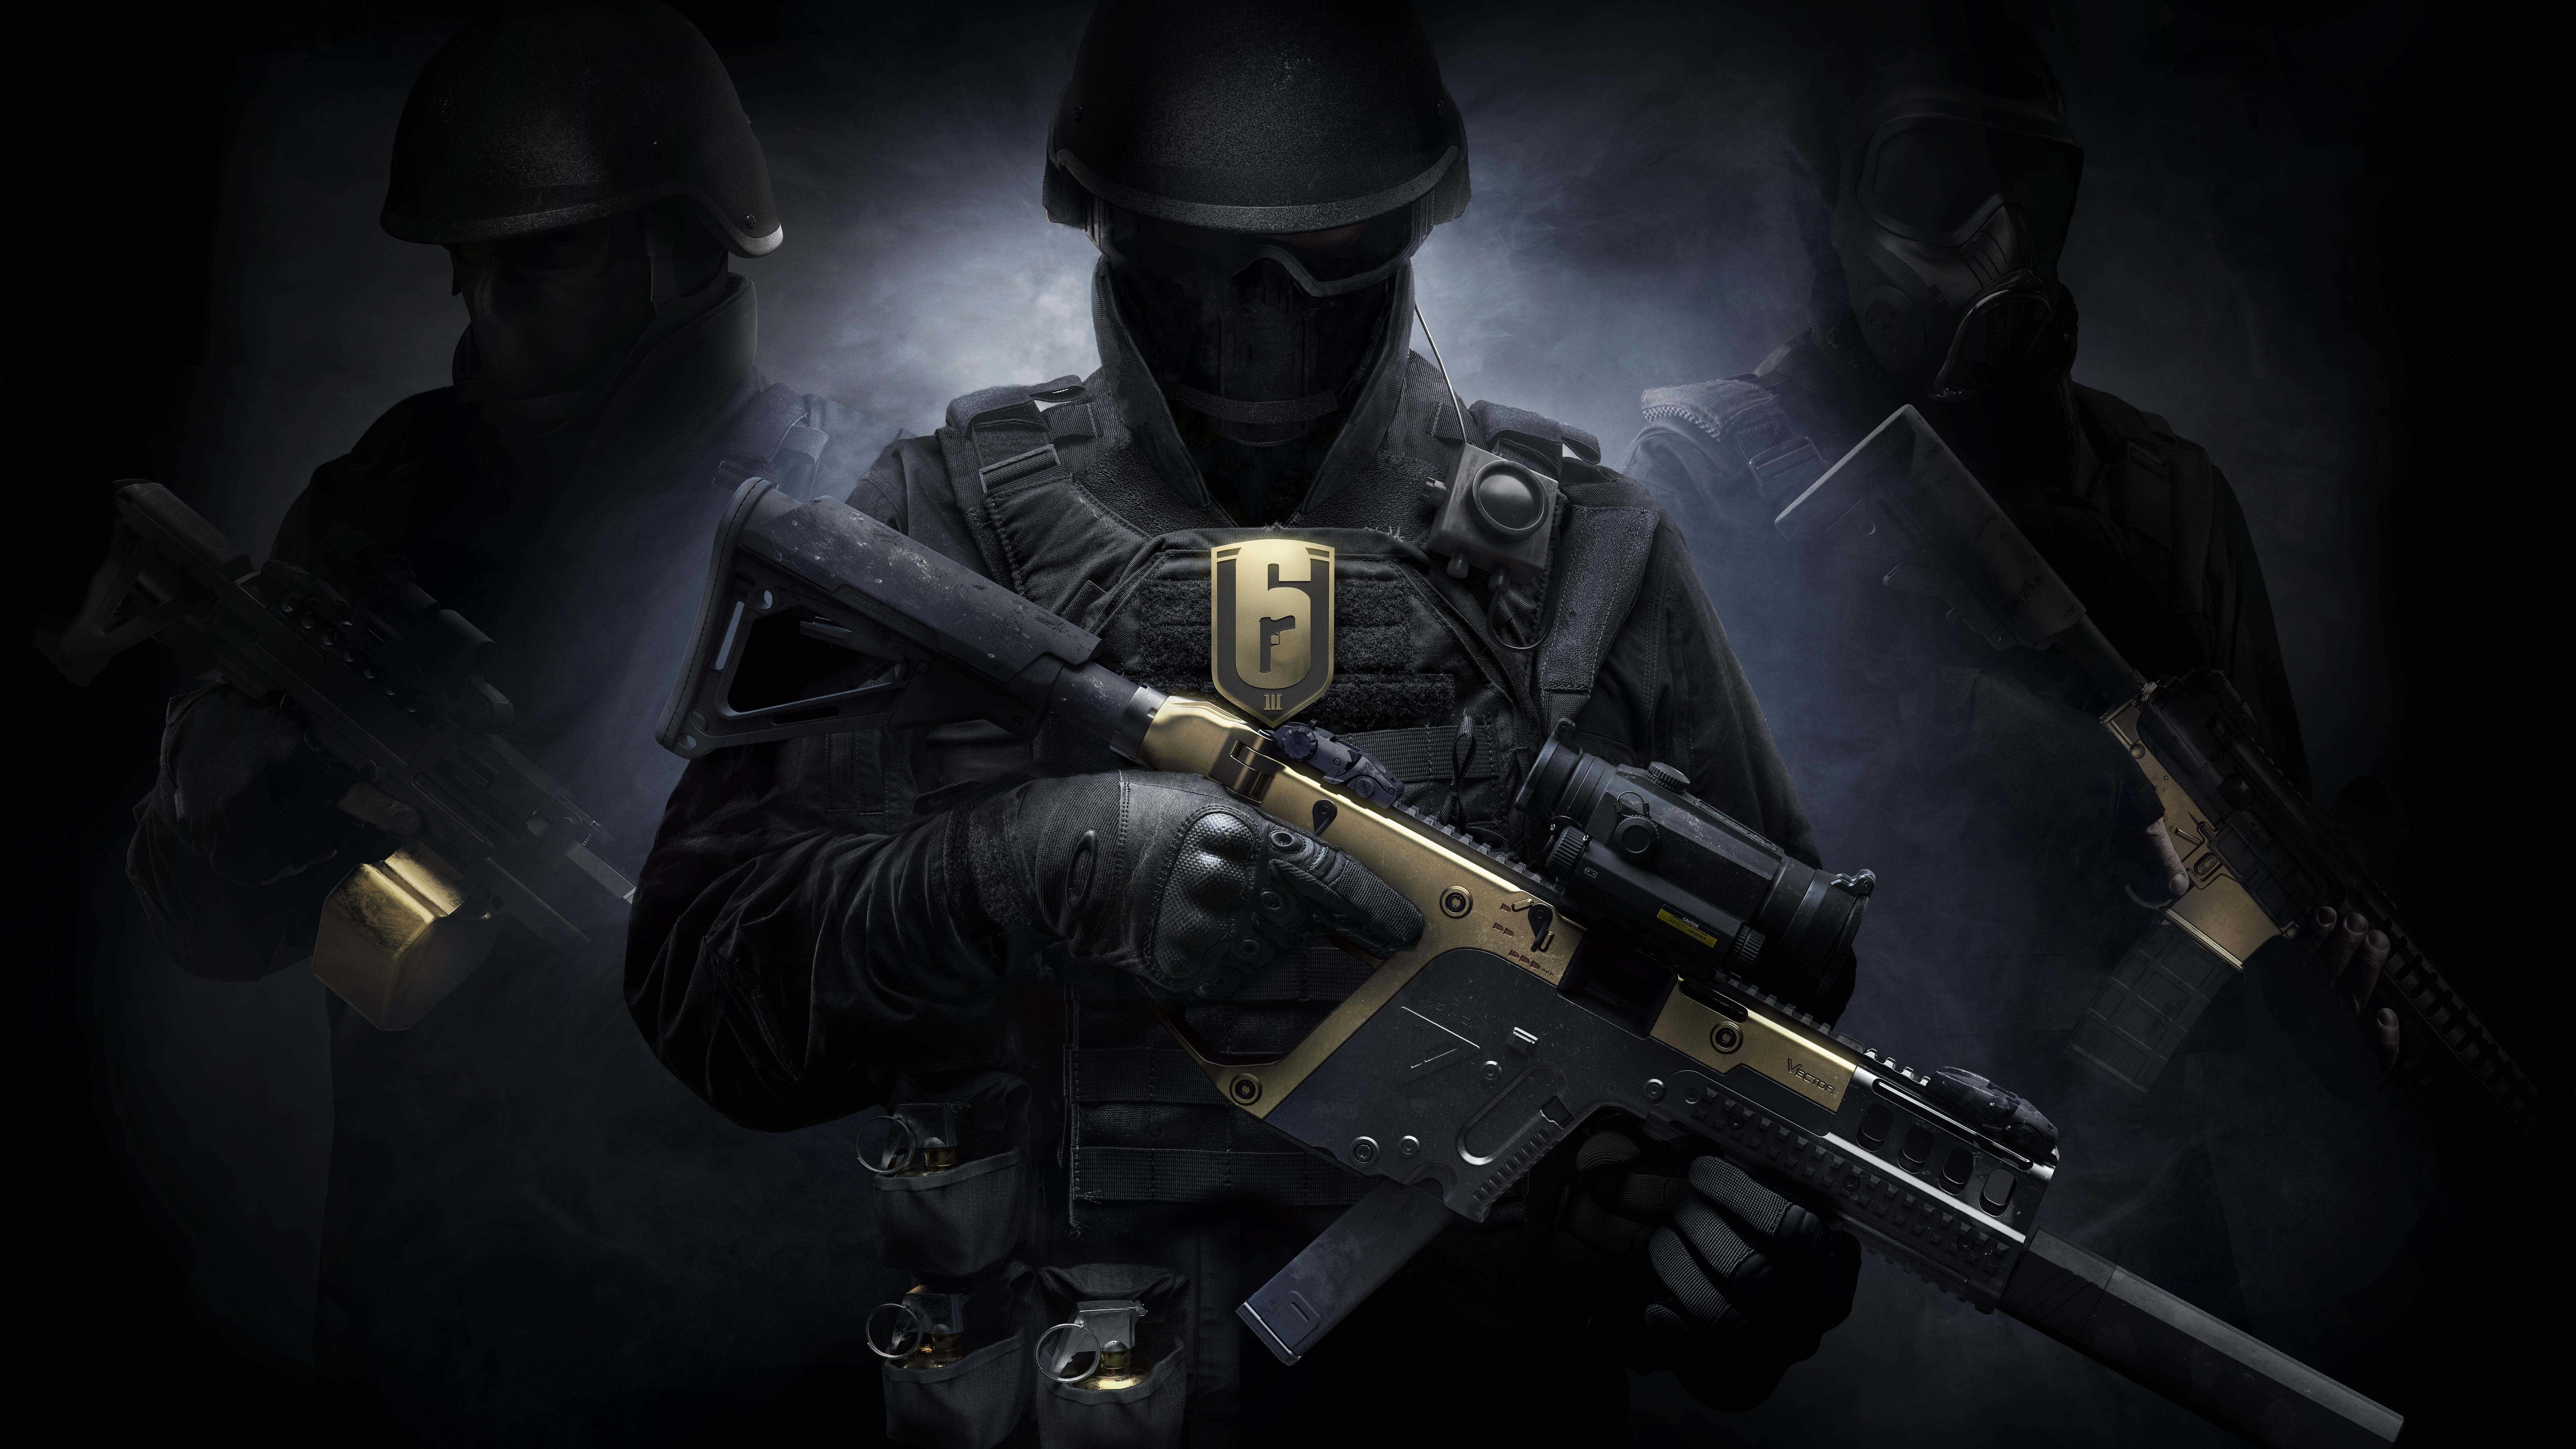 Tom Clancy's Rainbow Six Siege 4K Wallpapers